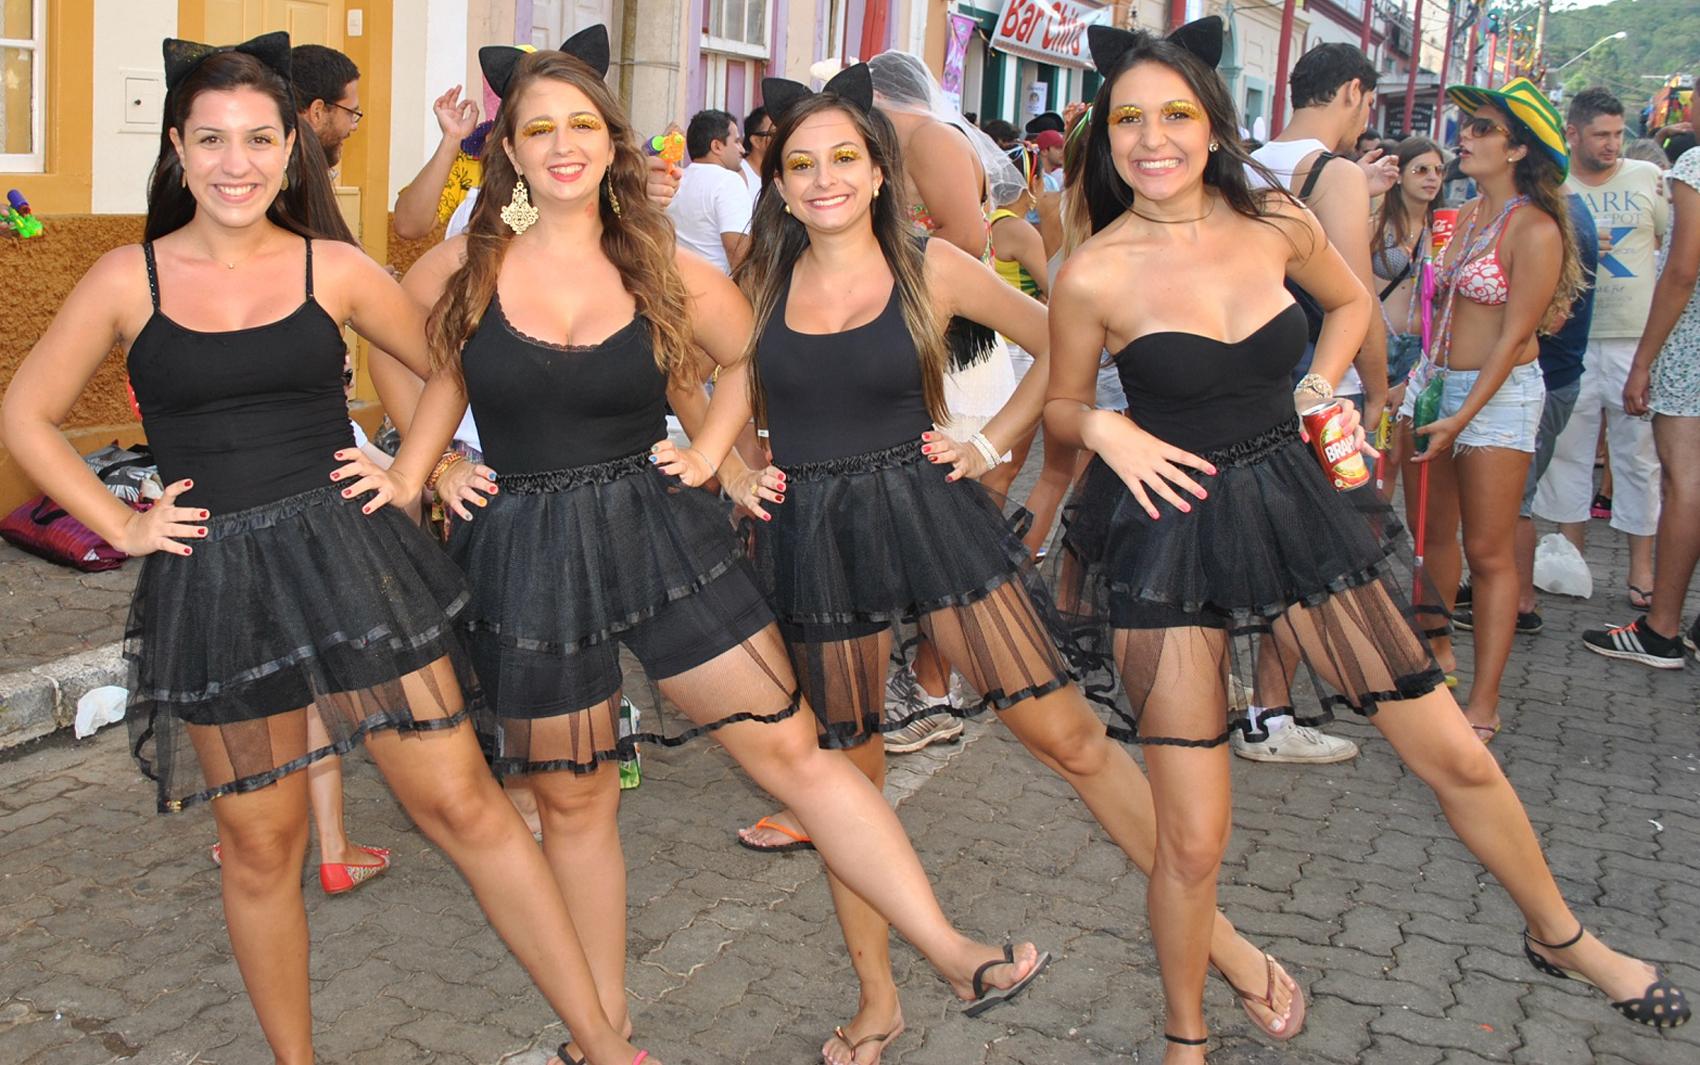 Amigas de Taubaté se inspiraram nos emoticons do whatsapp para compor fantasia em São Luiz do Paraitinga.